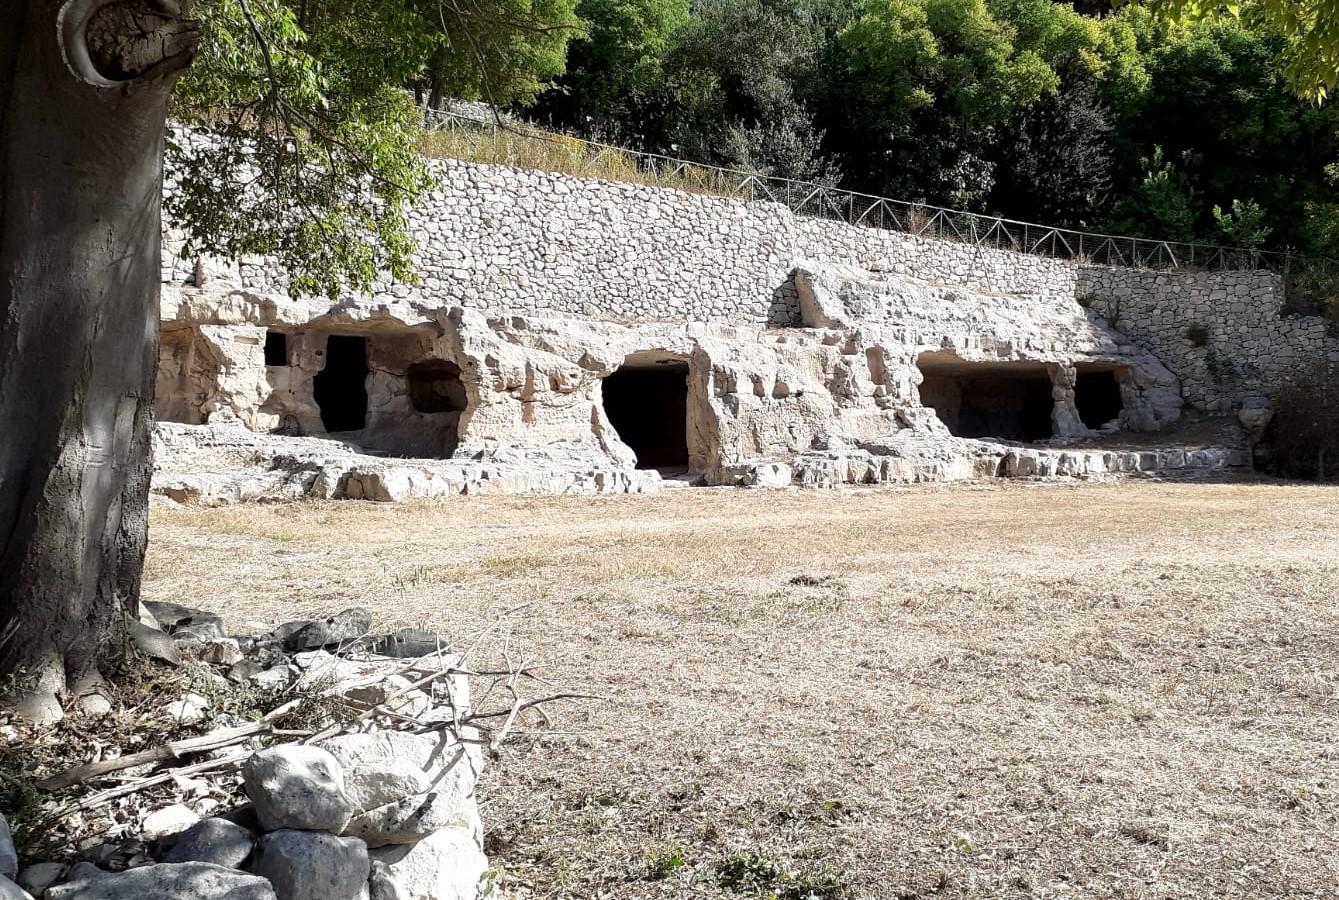 Turismo, in agosto boom di visitatori: nel territorio ibleo podio più alto per Cava Ispica